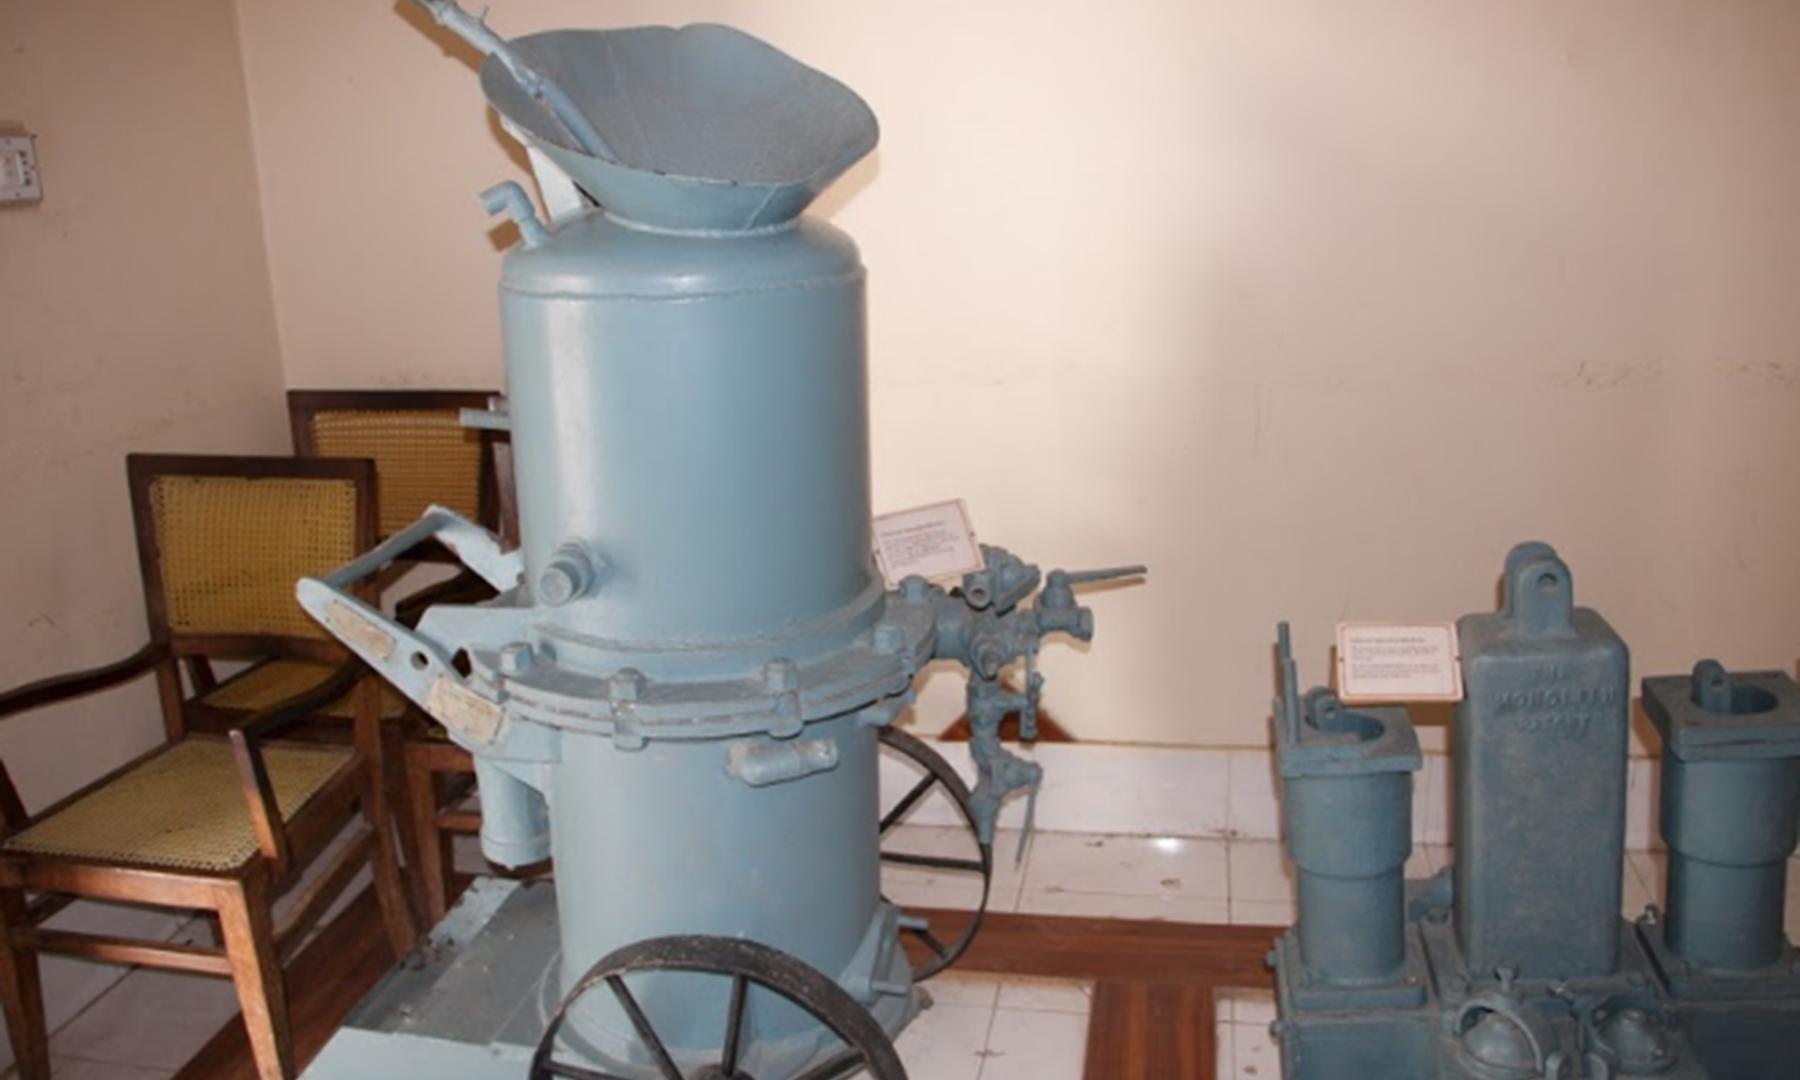 میوزیم میں موجود مشینیں—تصویر ابراہیم کنبھر